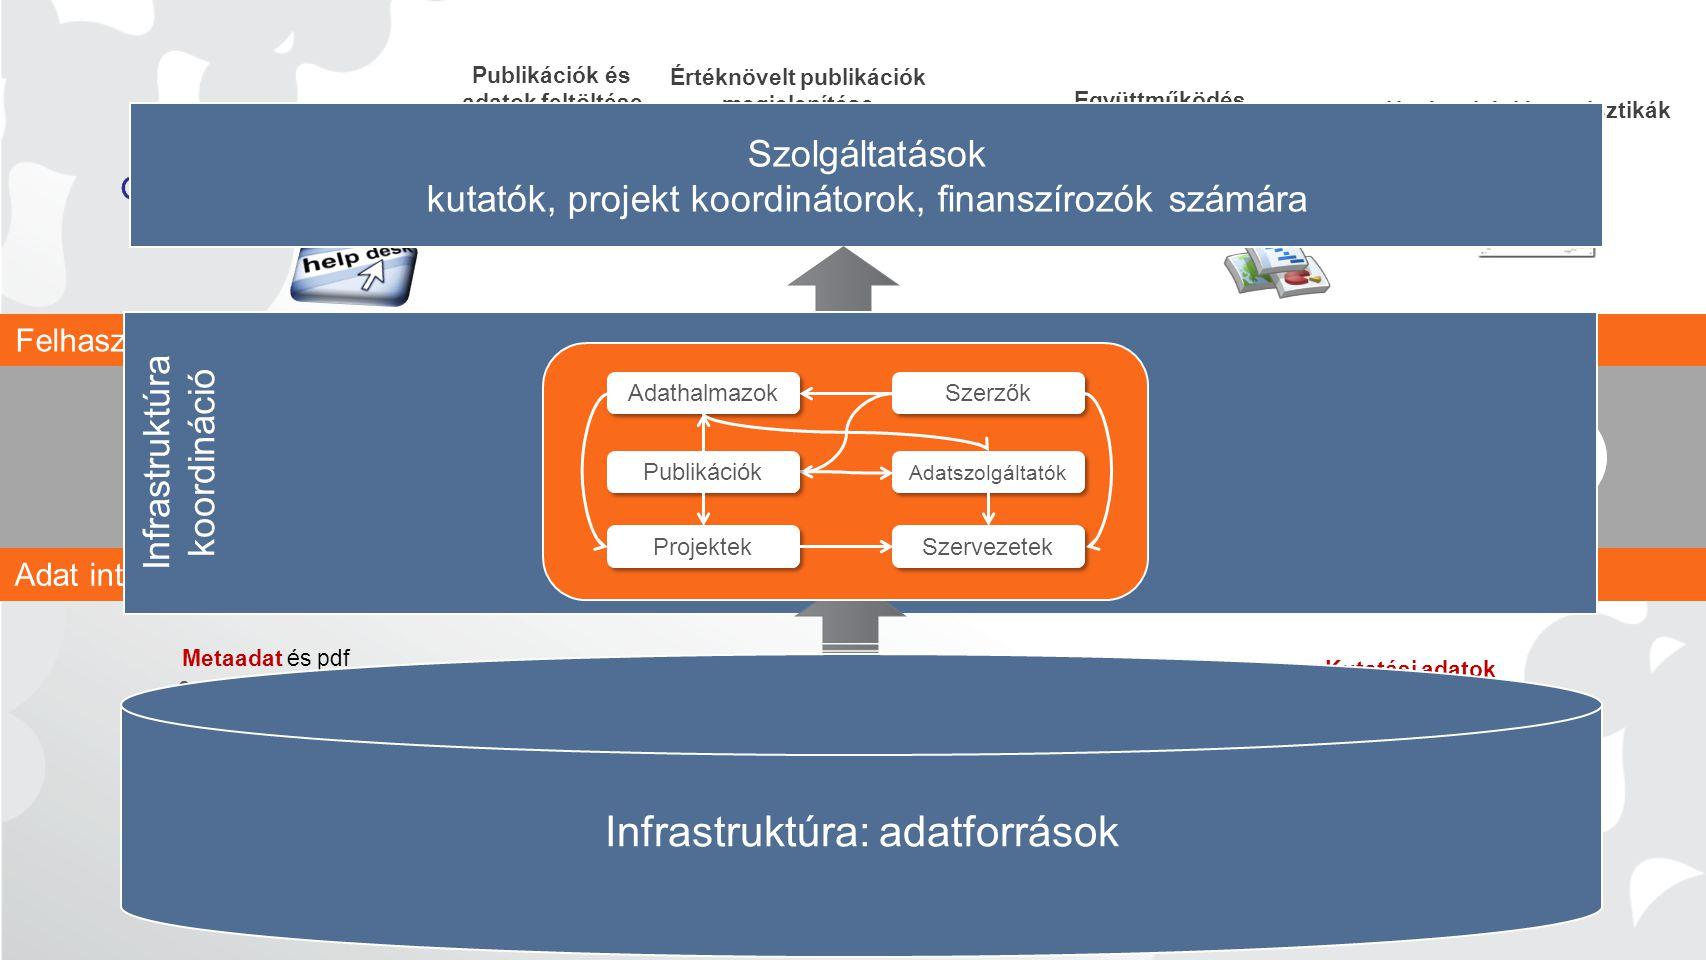 Értéknövelt publikációk megjelenítése Támogatás (NOAD) Kapcsolt tartalmak statisztikája +++ Keresés és böngészés Együttműködés Publikációk és adatok feltöltése Hatás, citáció, statisztikák használata +++ APIs Adat repozitóriumok Adat folyóiratok Kutatási adatok metaadatai Repozitóriumok Open Access folyóiratok Metaadat és pdf 8,700,000 OA publikáció 460 minősített repozitórium Nemzeti finanszírozás EC finanszírozás Felhasználói irányelvek Intézményil CRIS CERN/OpenAIRE repozitórium Adat interoperabilitás irányelvei Szolgáltatások kutatók, projekt koordinátorok, finanszírozók számára Infrastruktúra koordináció Infrastruktúra: adatforrások Szervezetek Projektek Szerzők Adathalmazok Publikációk Adatszolgáltatók